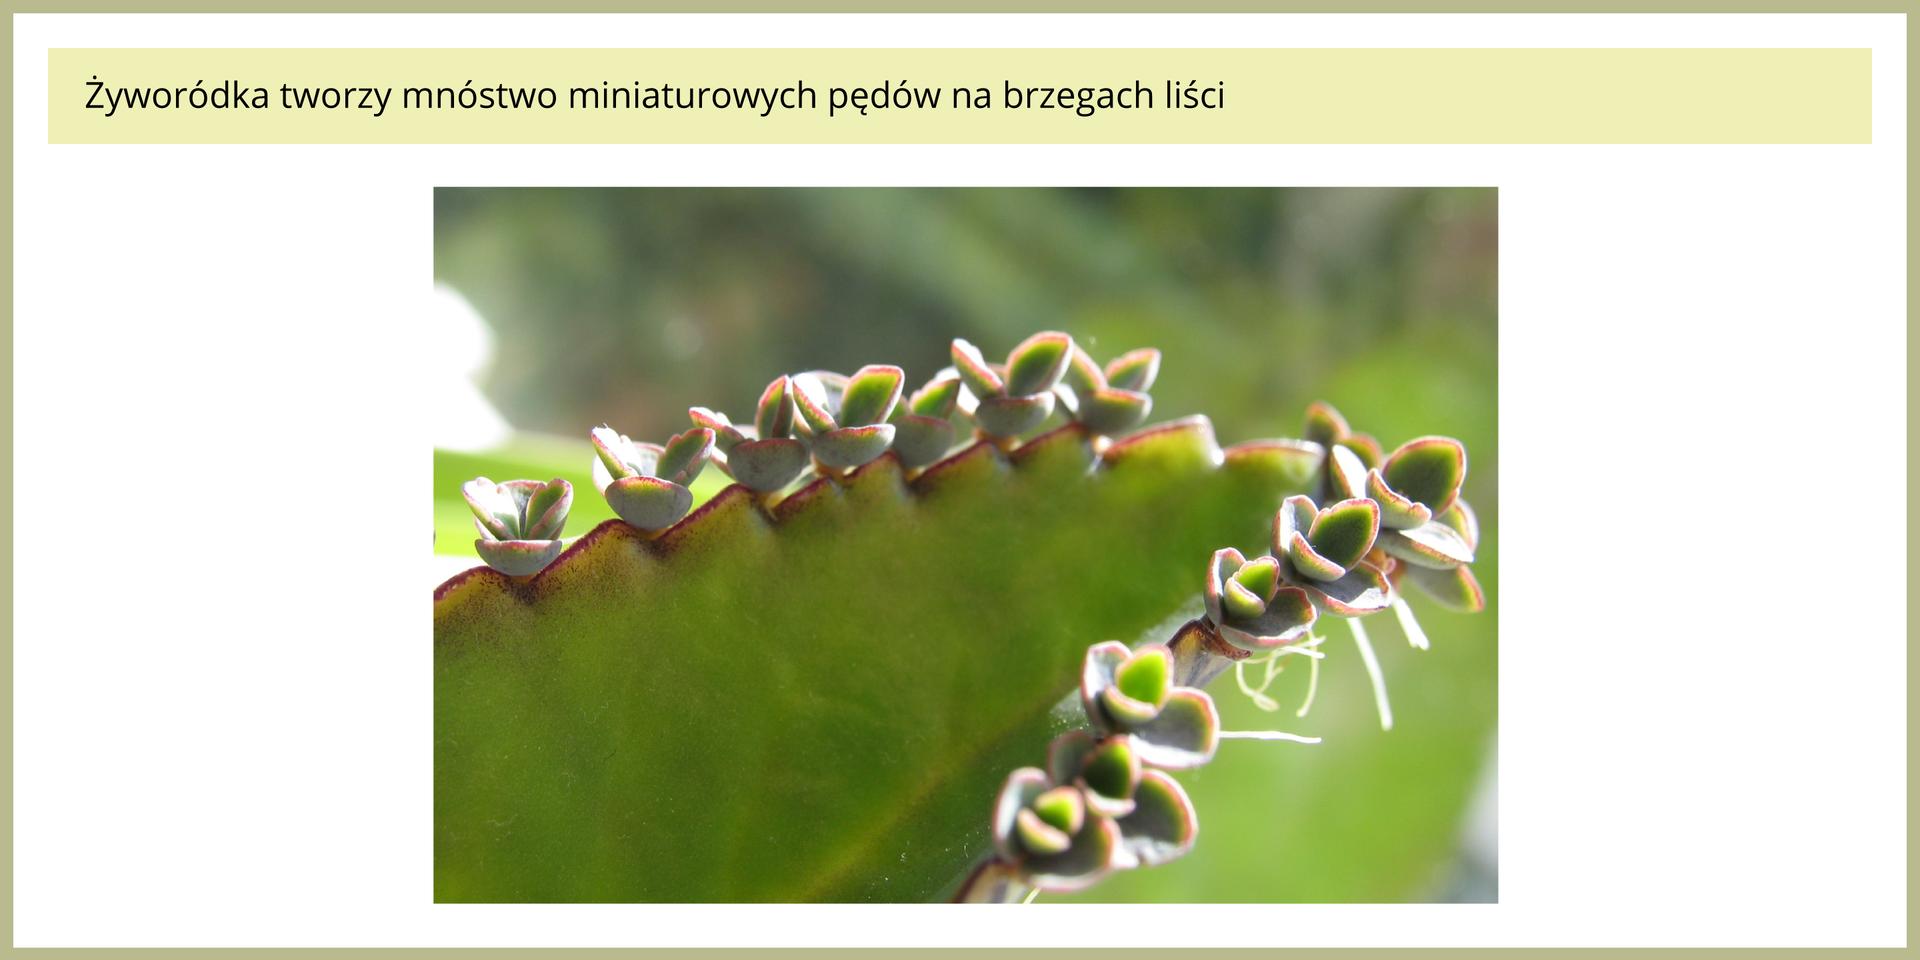 Fotografia przedstawia fragment liścia rośliny , zwanej żyworódką. Na krawędzi liścia znajduje się kilkanaście małych roślin potomnych. Każdy ma kilka listków iniewielkie korzonki. Nazywamy to rozmnażaniem przez rozmnóżki.